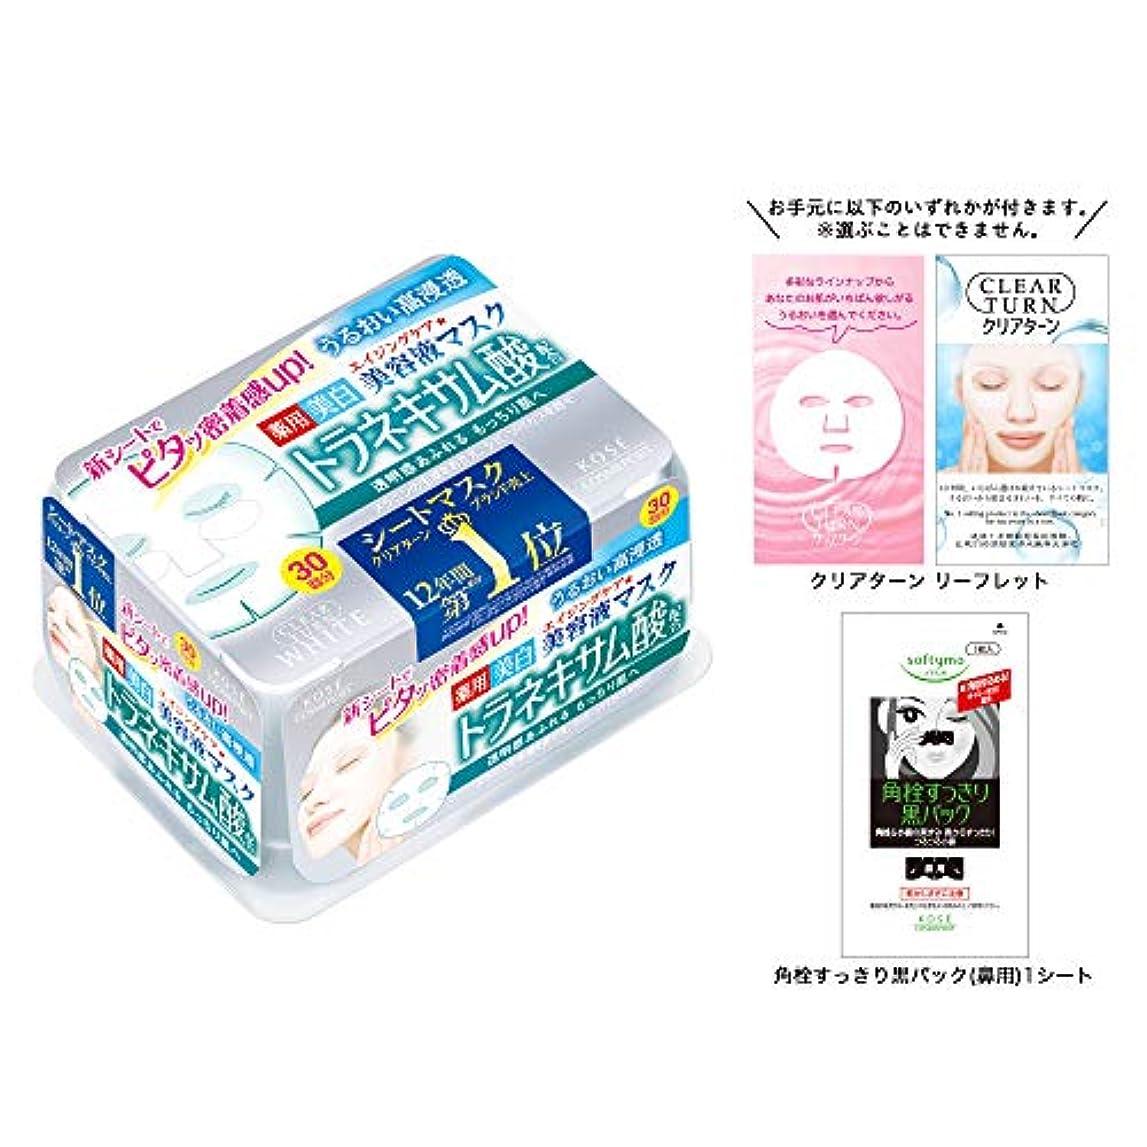 スクラブ掃除手数料【Amazon.co.jp限定】KOSE コーセー クリアターン エッセンス マスク (トラネキサム酸) 30枚 おまけ付 フェイスマスク (医薬部外品)